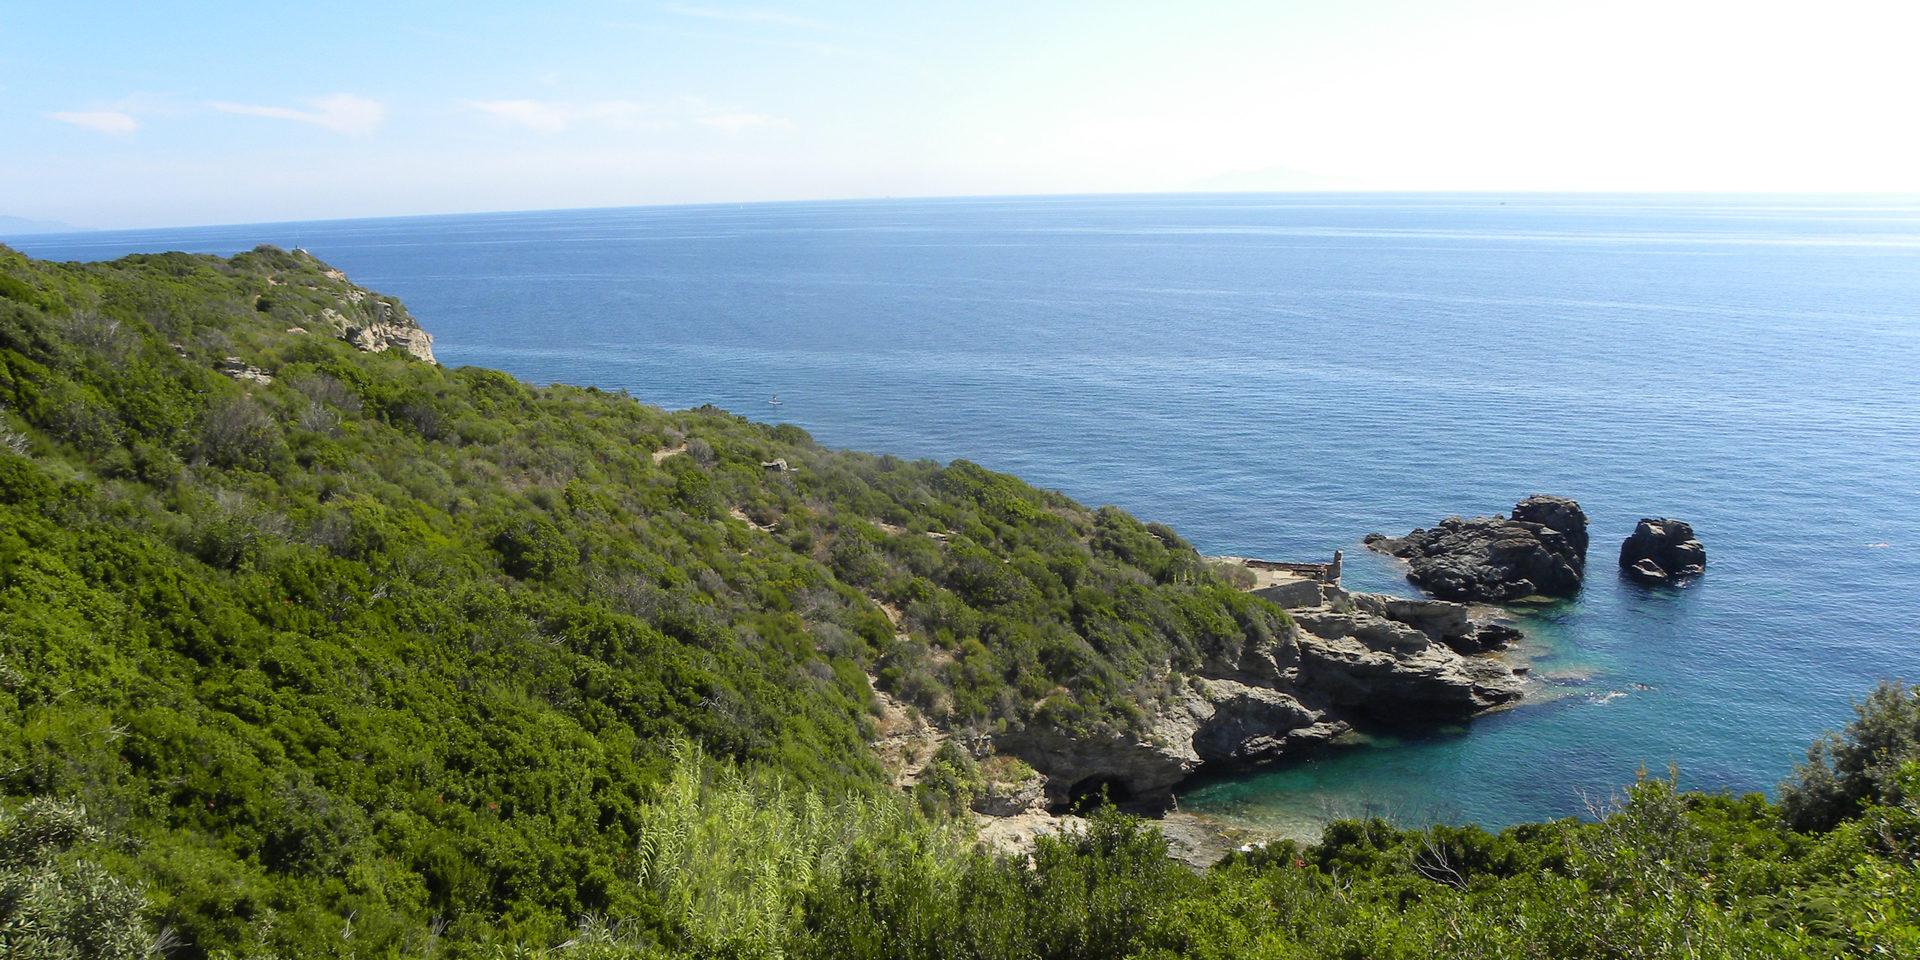 Sisco Cap Corse Capicorsu Corsica Frankrijk baai-bij-Sisco kustlijn zee rotsen inham